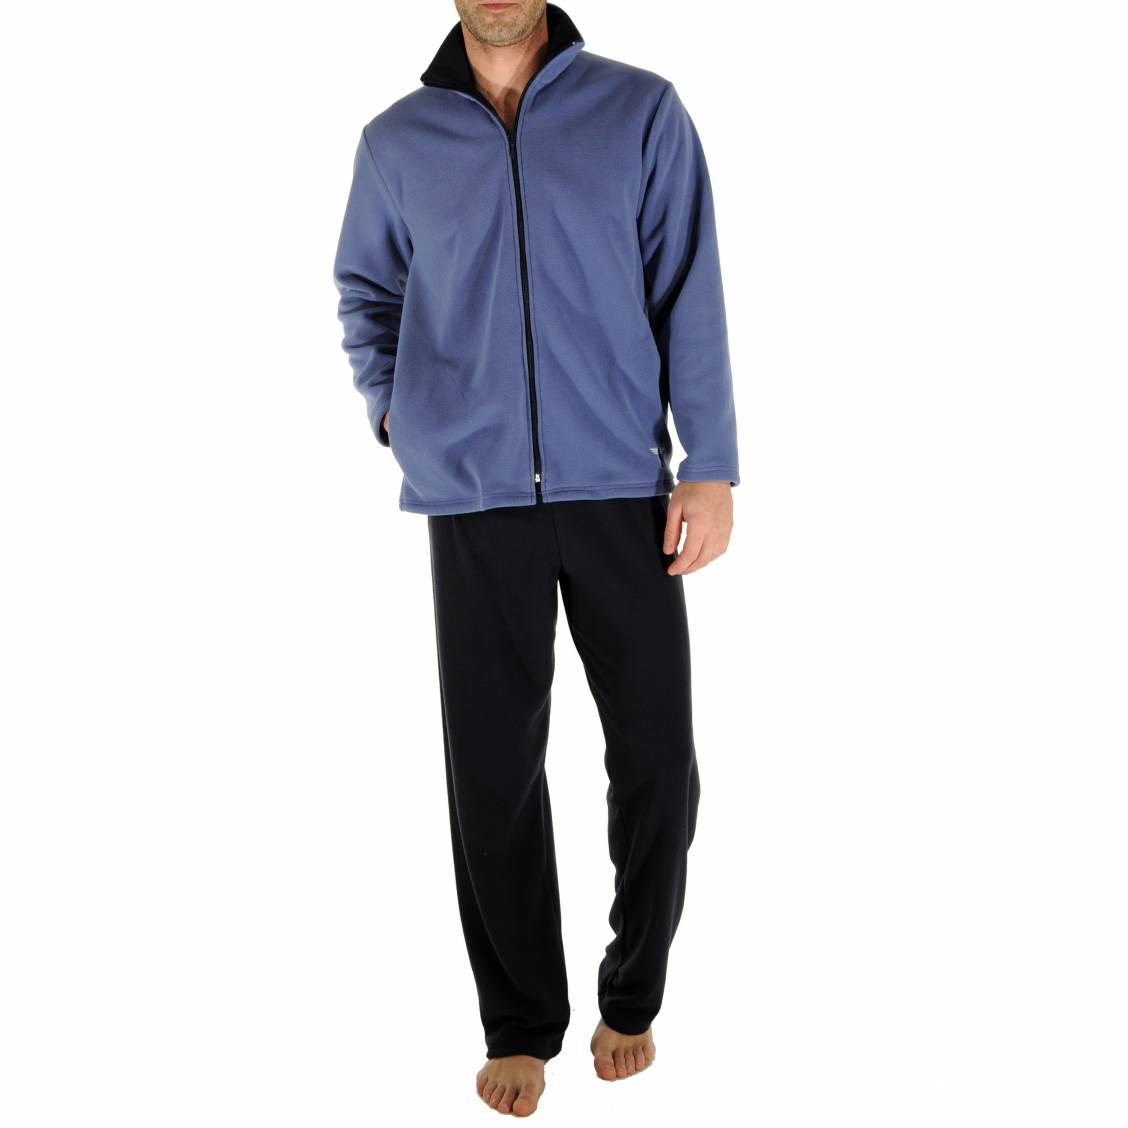 tenue d 39 int rieur en polaire ronsard christian cane sweat zipp bleu encre et pantalon bleu. Black Bedroom Furniture Sets. Home Design Ideas